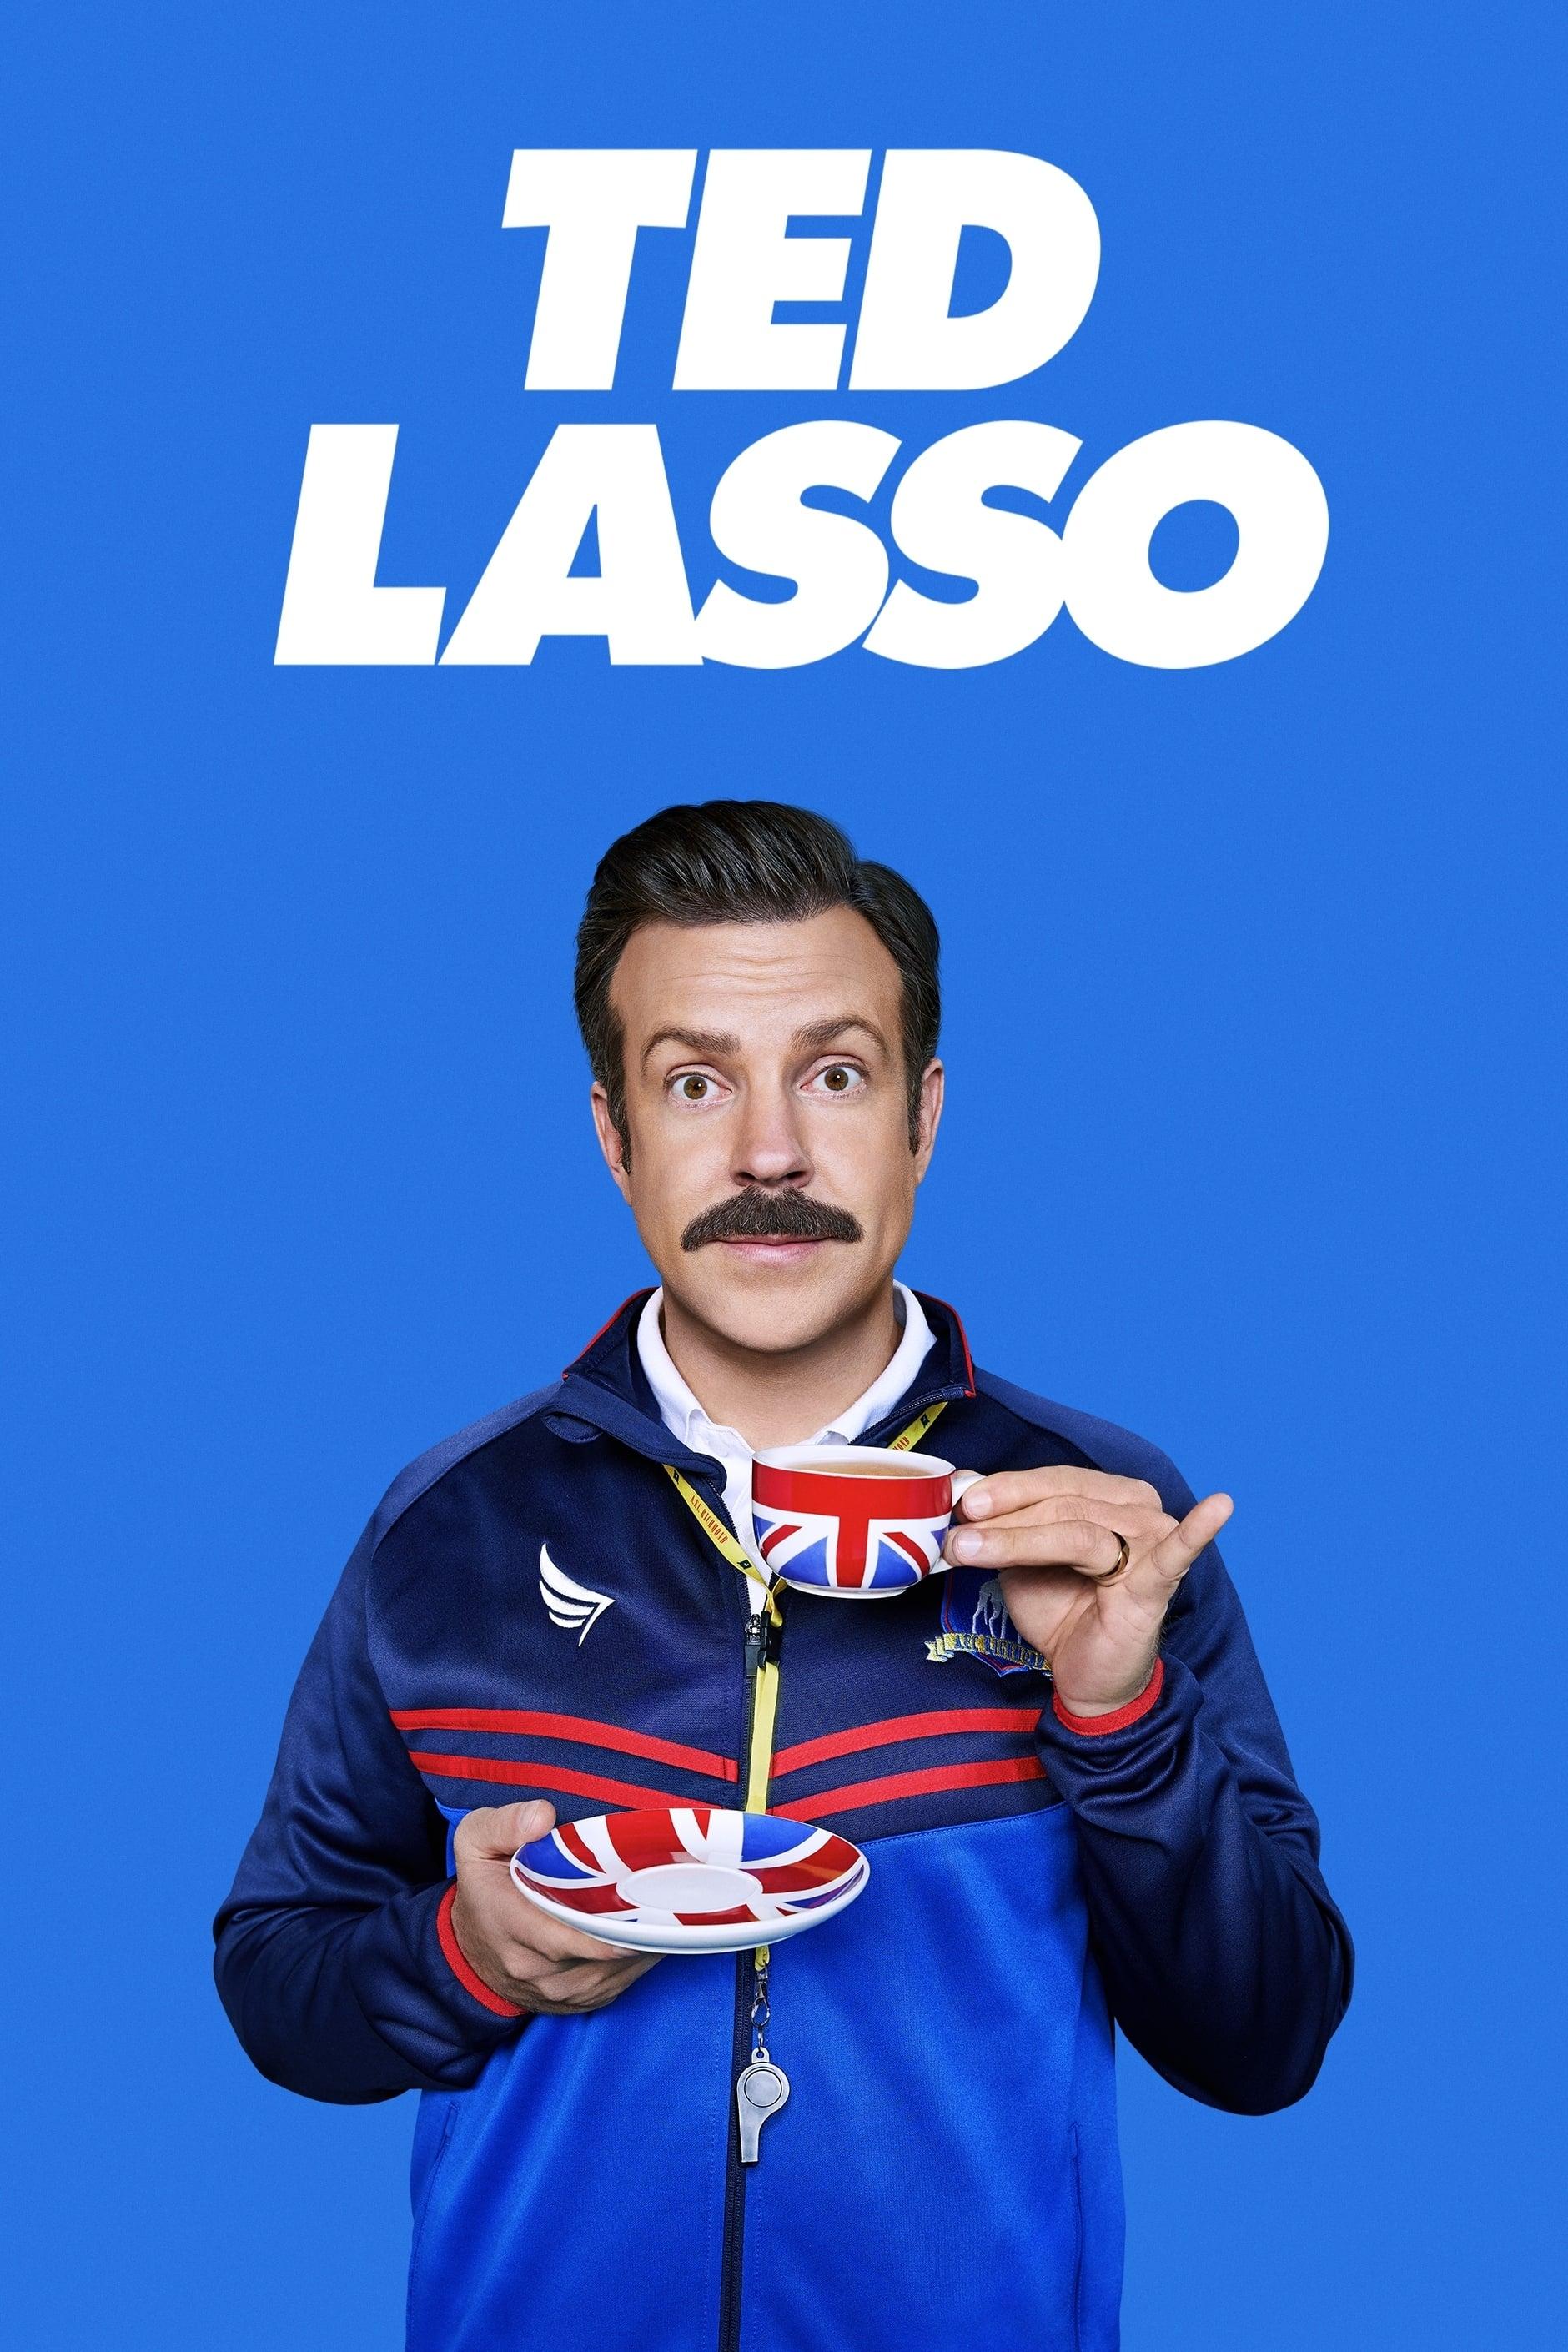 足球教练 第二季 Ted Lasso Season 2 (2021) 中文字幕